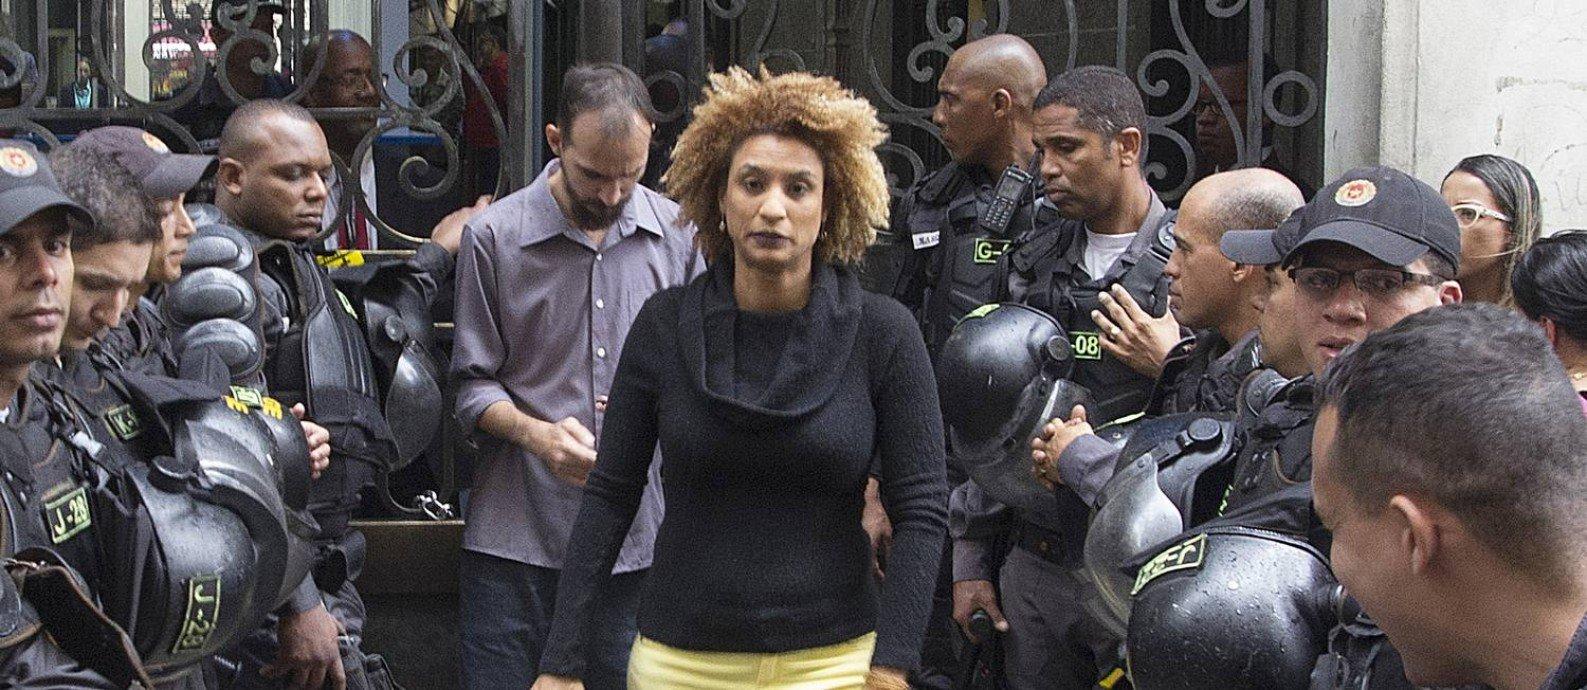 A vereadora Marielle Franco, assassinada em março de 2018